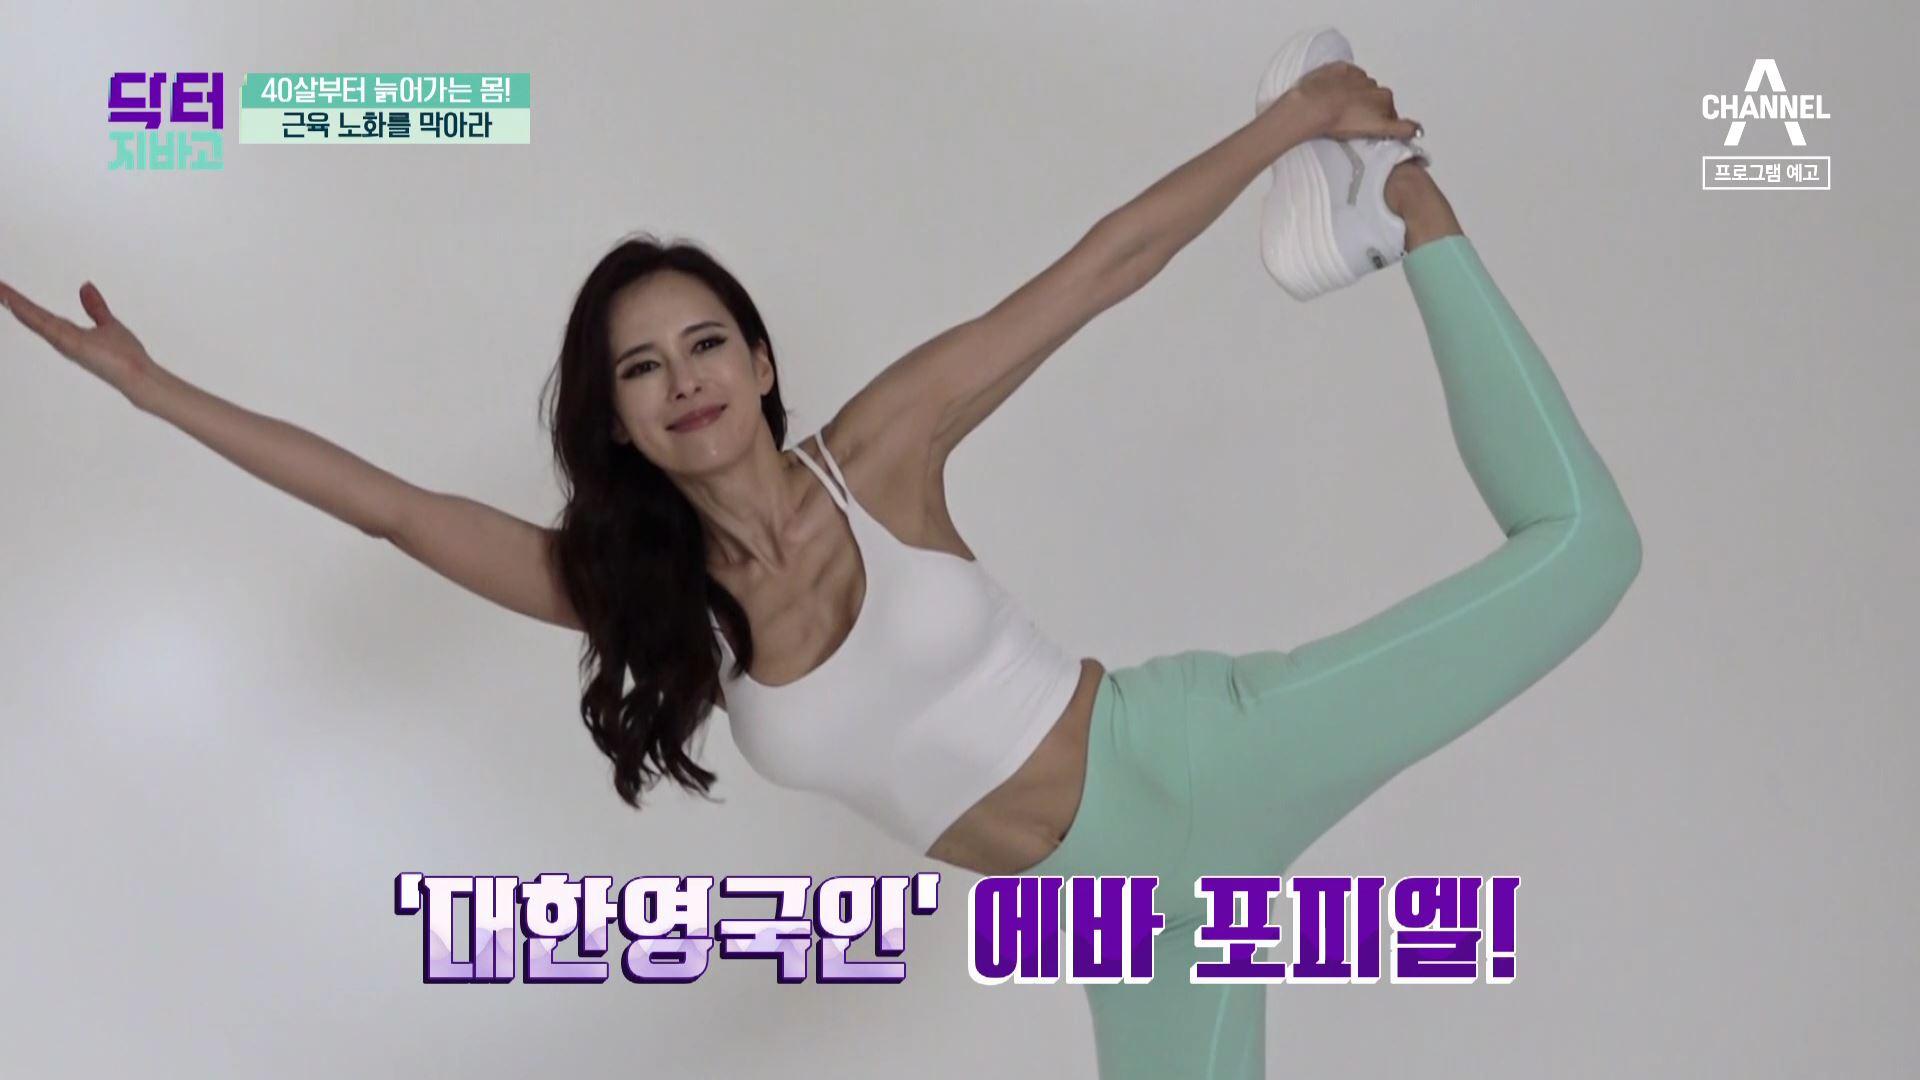 [예고] 40살부터 늙어가는 몸! 근육 노화를 막아라